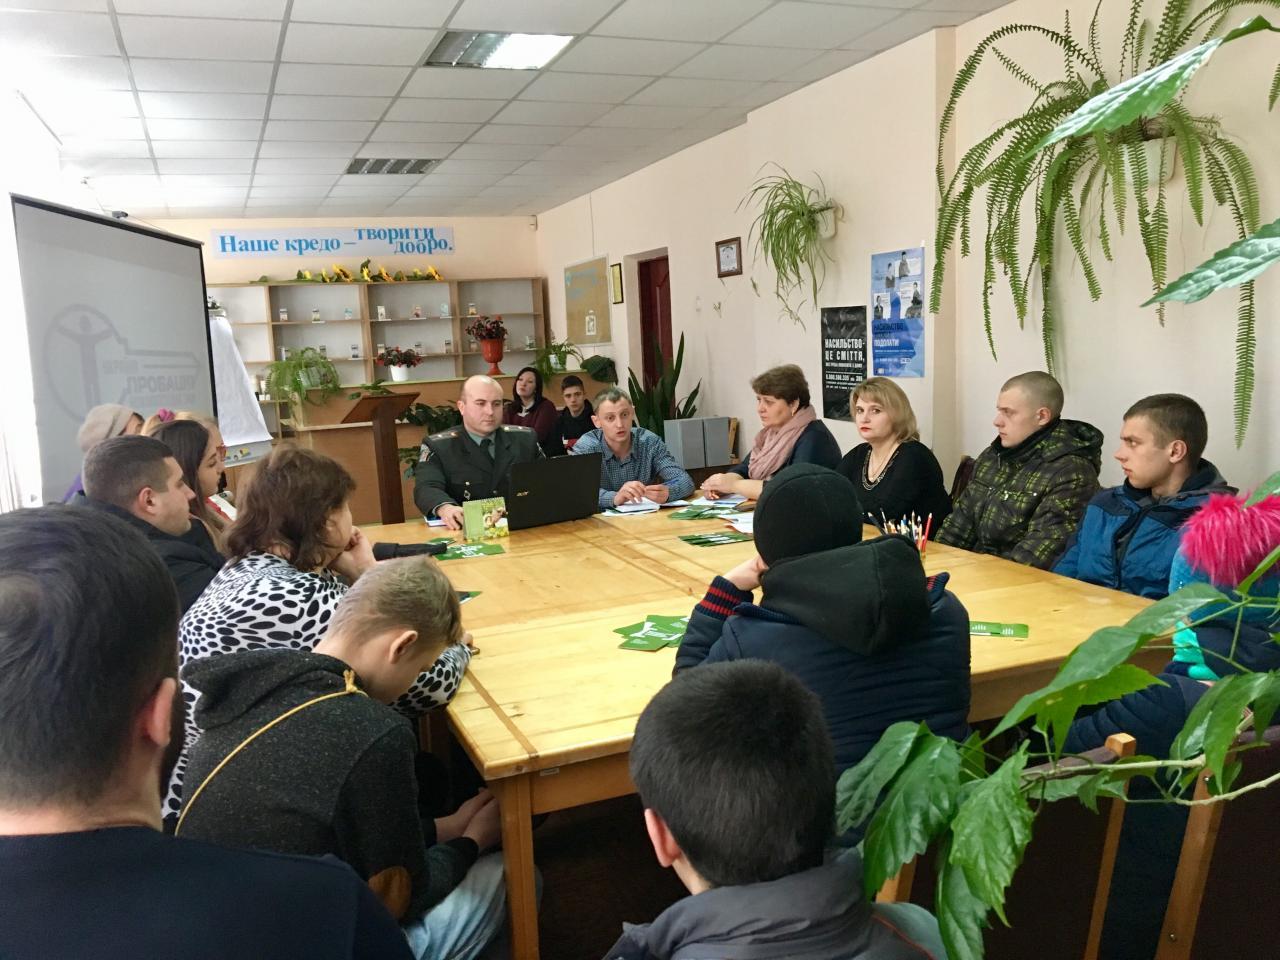 http://dunrada.gov.ua/uploadfile/archive_news/2020/02/14/2020-02-14_6948/images/images-55308.jpg